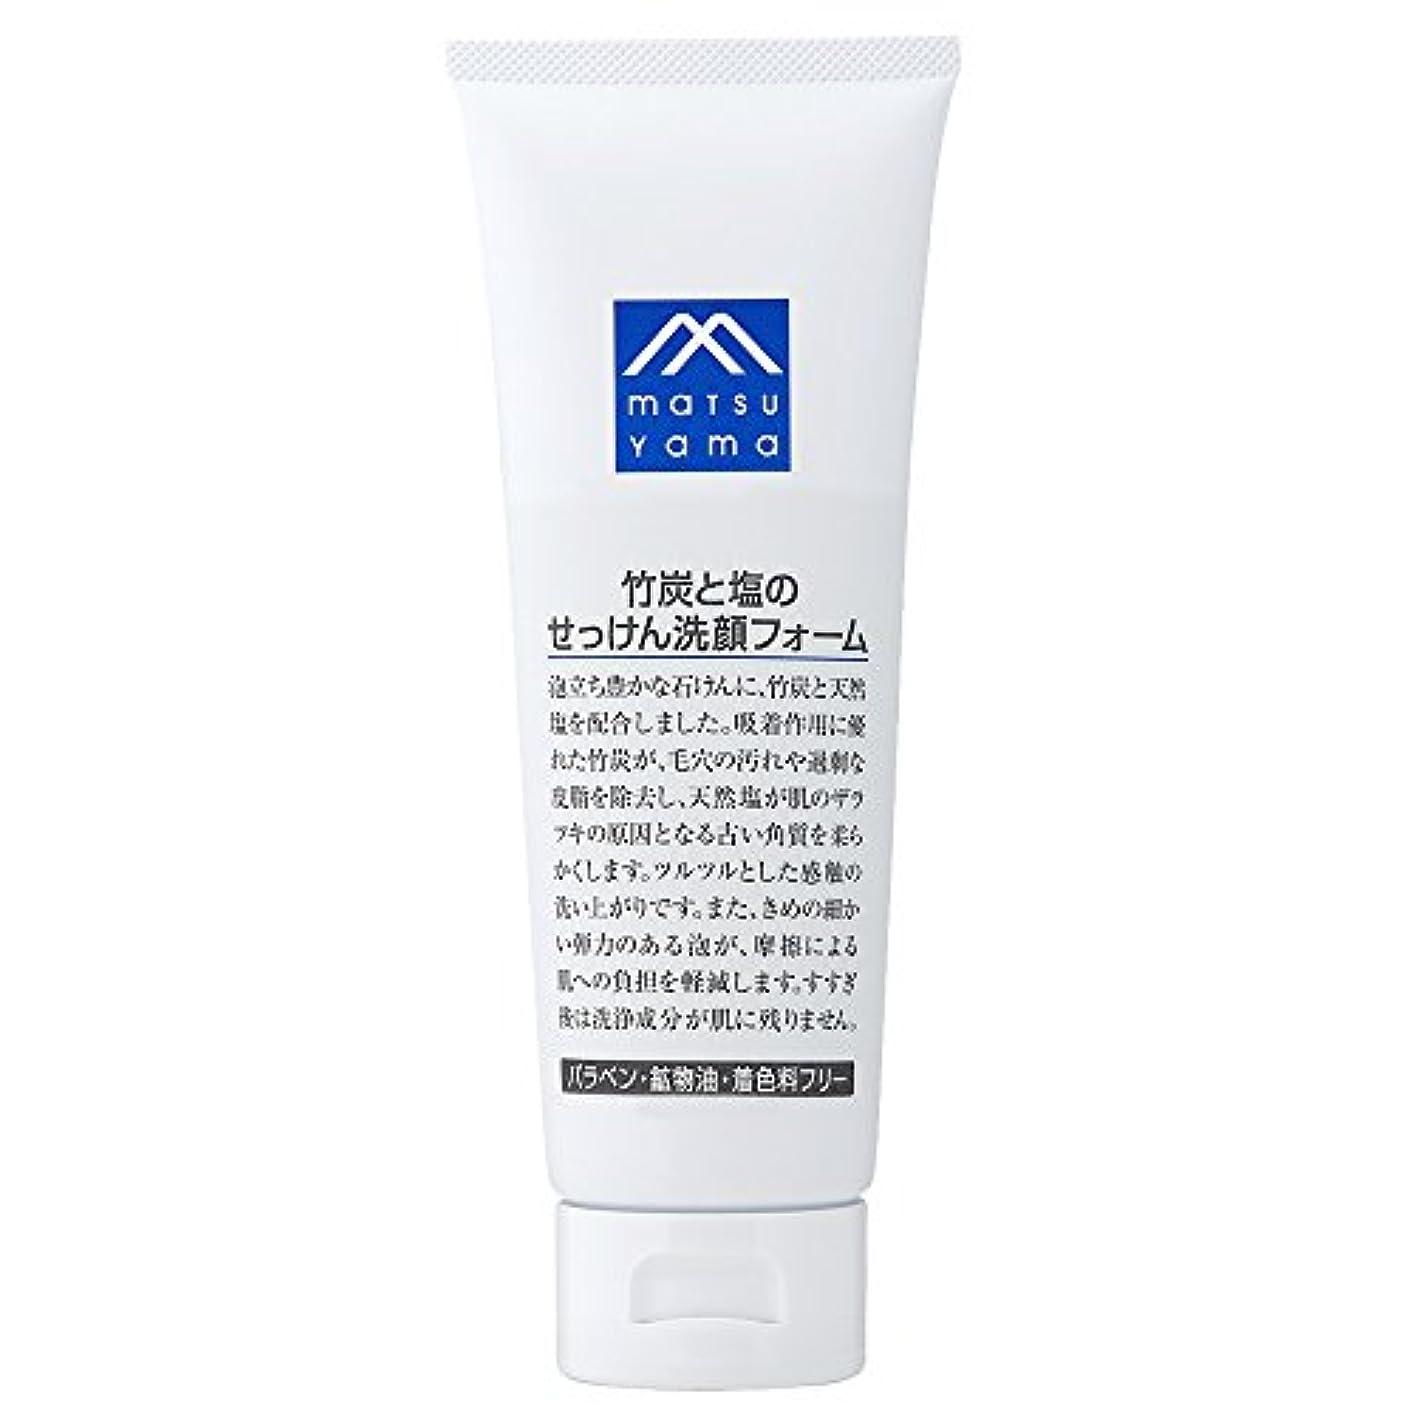 モデレータチップ部屋を掃除するM-mark 竹炭と塩のせっけん洗顔フォーム